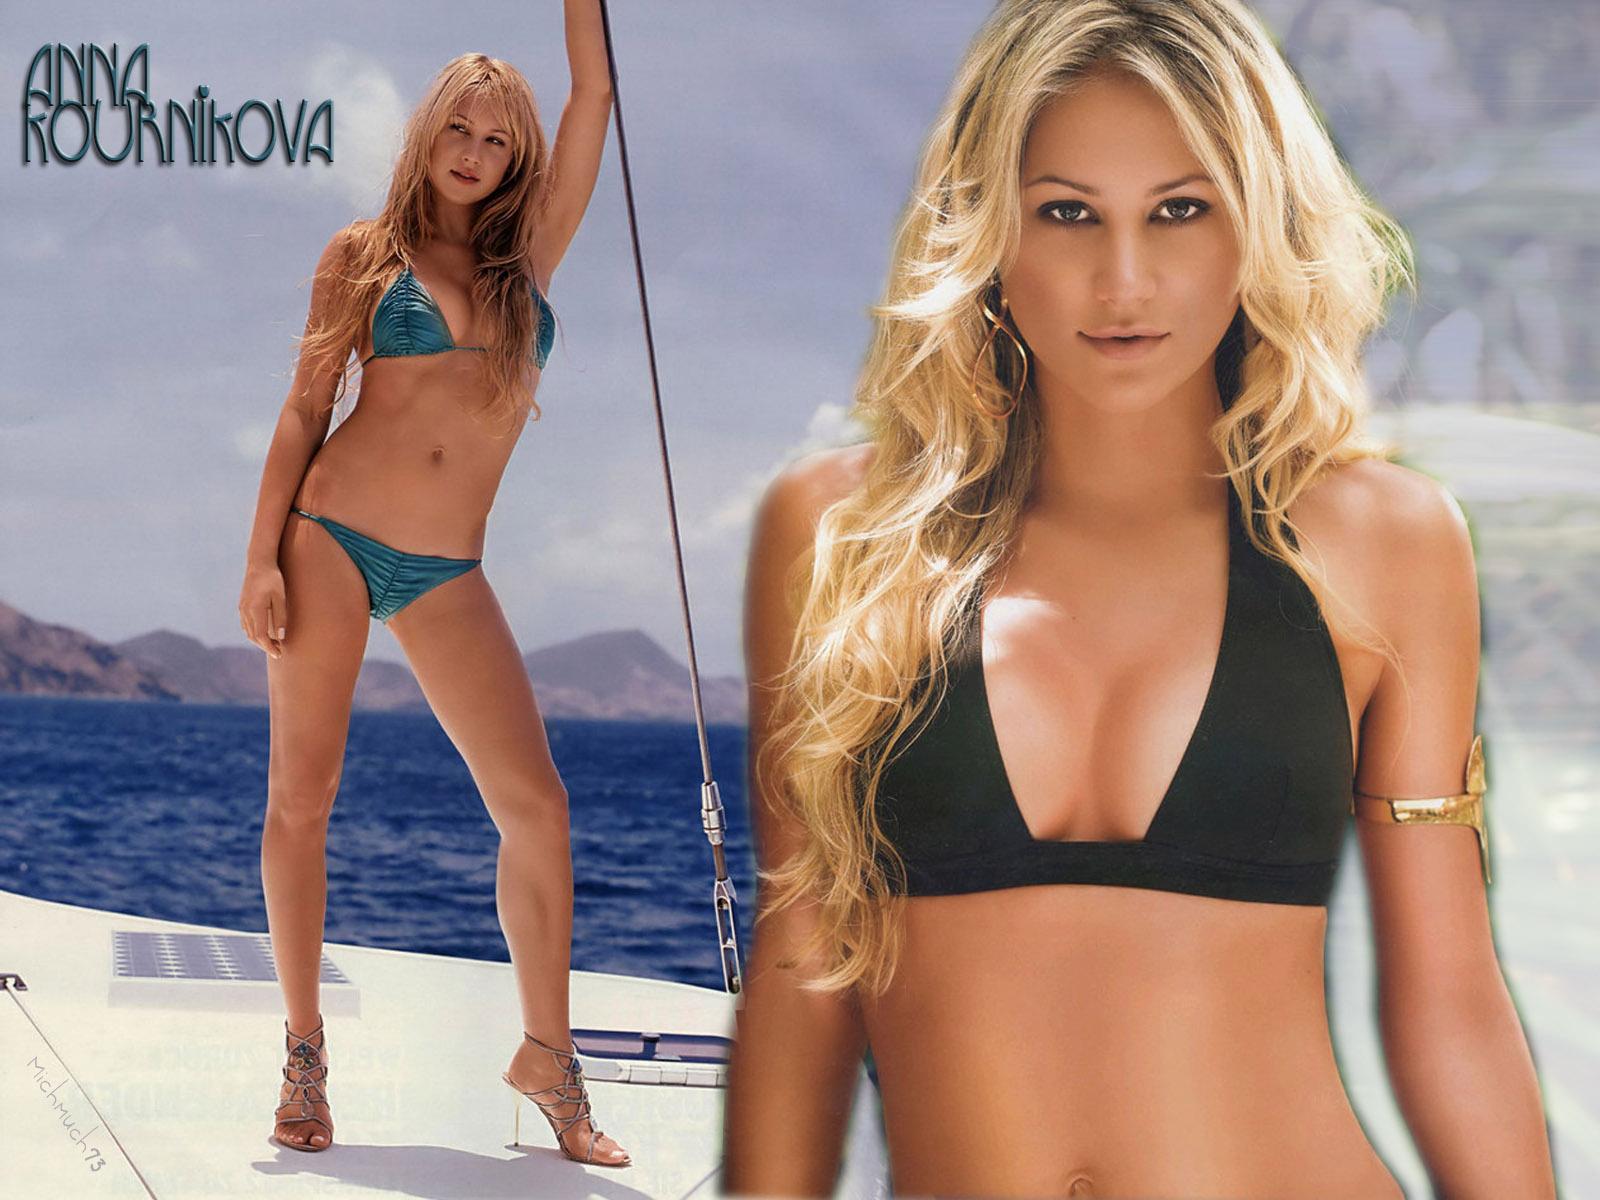 http://3.bp.blogspot.com/-A61RoyWhG_0/T_6aaMkeq1I/AAAAAAAACng/RDNm2sq03Us/s1600/Anna_Kournikova+Sexy+Tennis+Player+%25286%2529.jpg